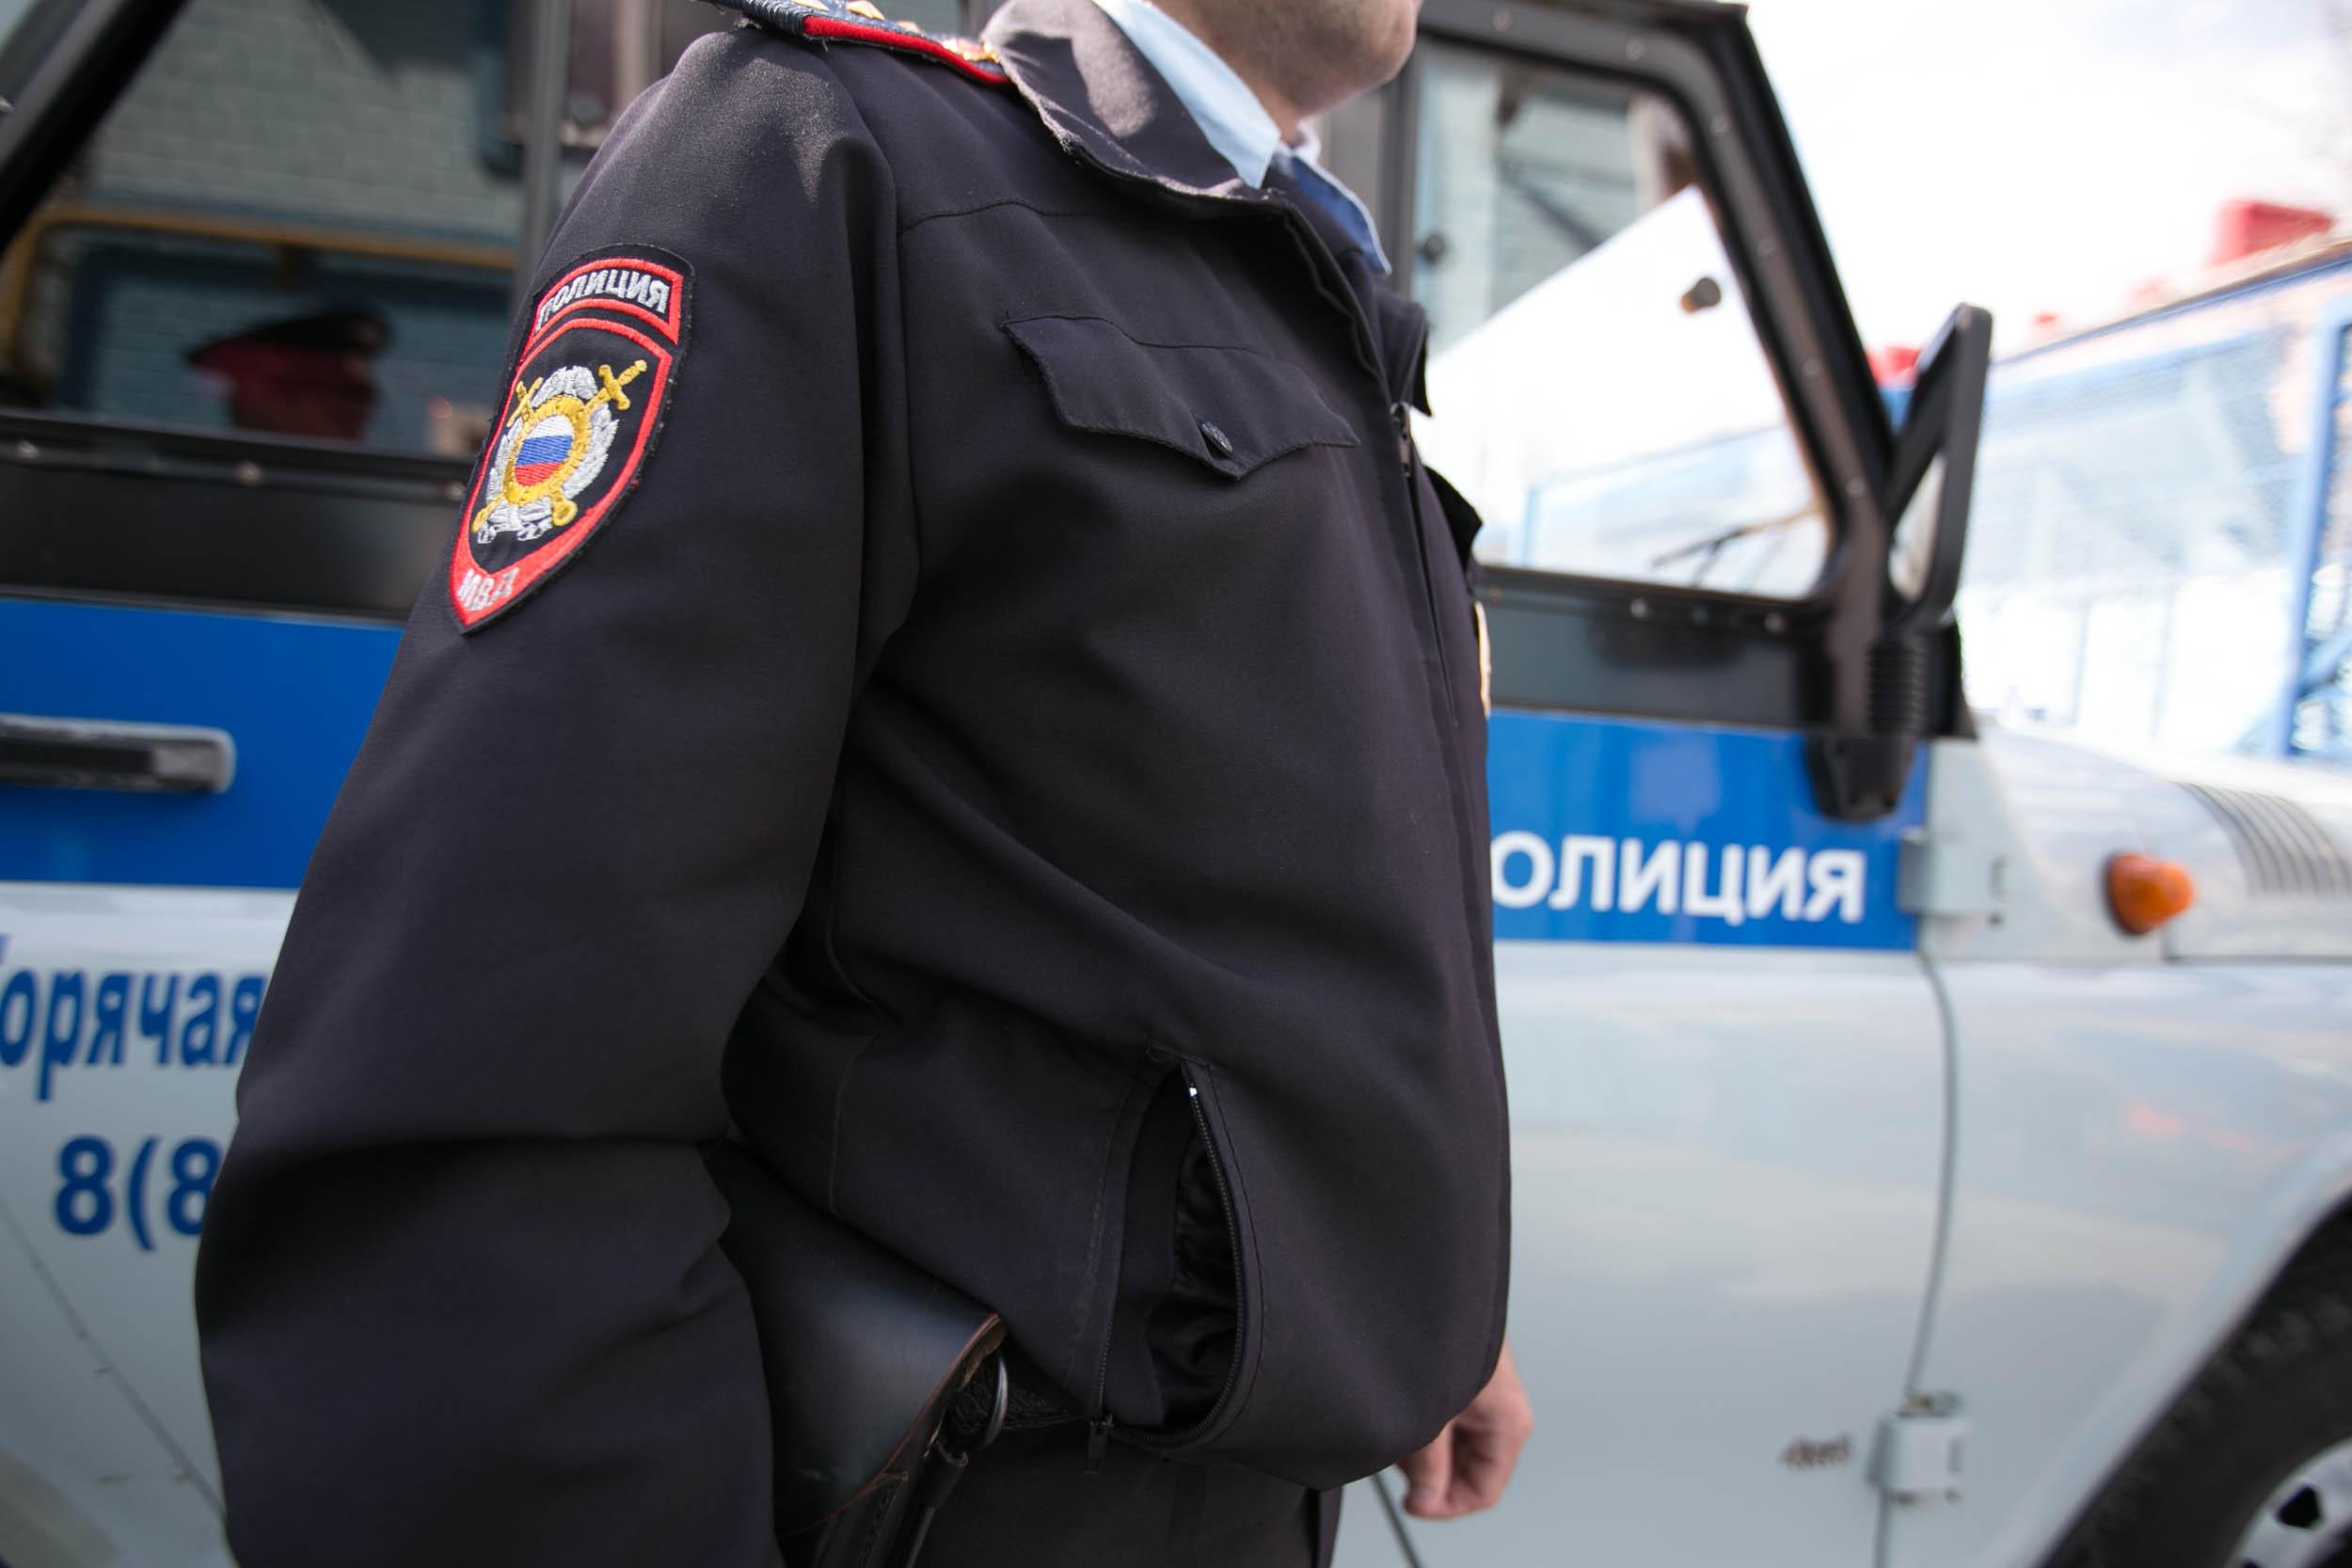 В Чувашии мошенник обманул 19 человек на 3 500 000 рублей